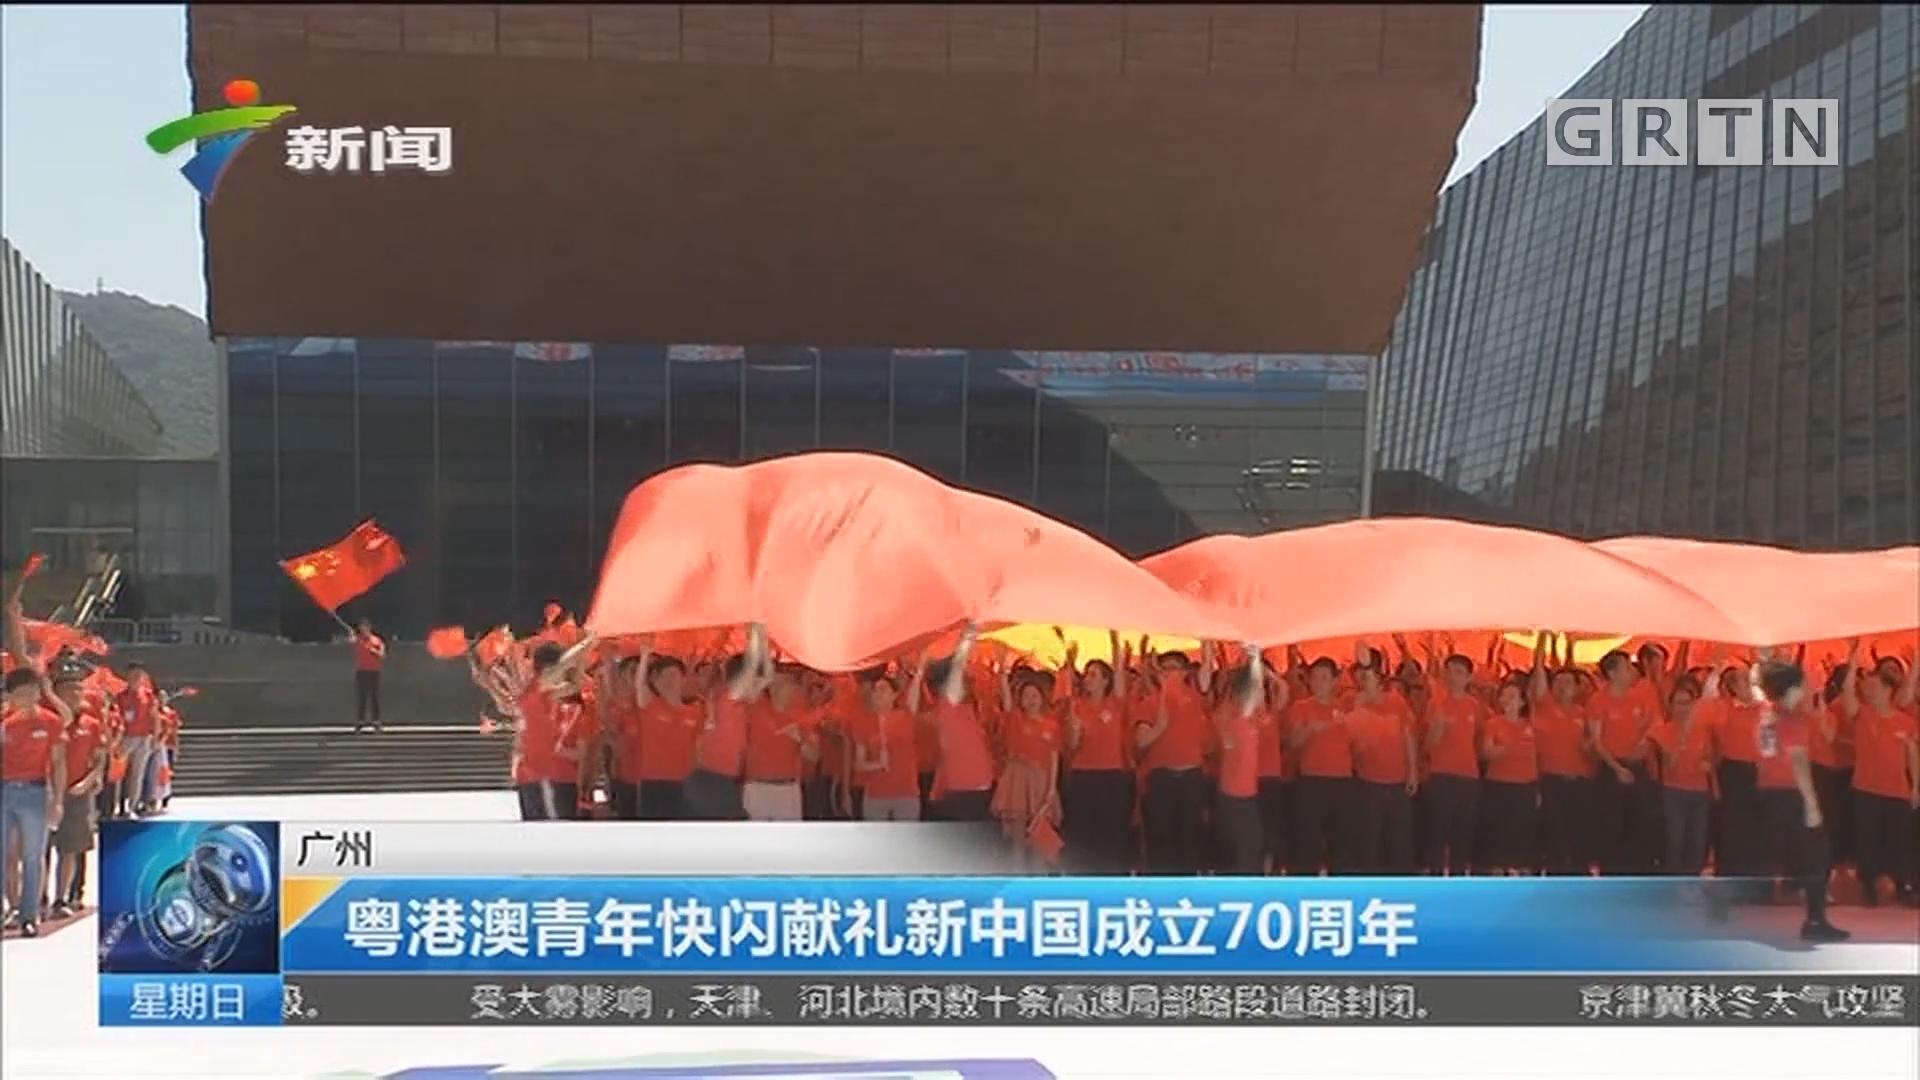 广州 粤港澳青年快闪献礼新中国成立70周年